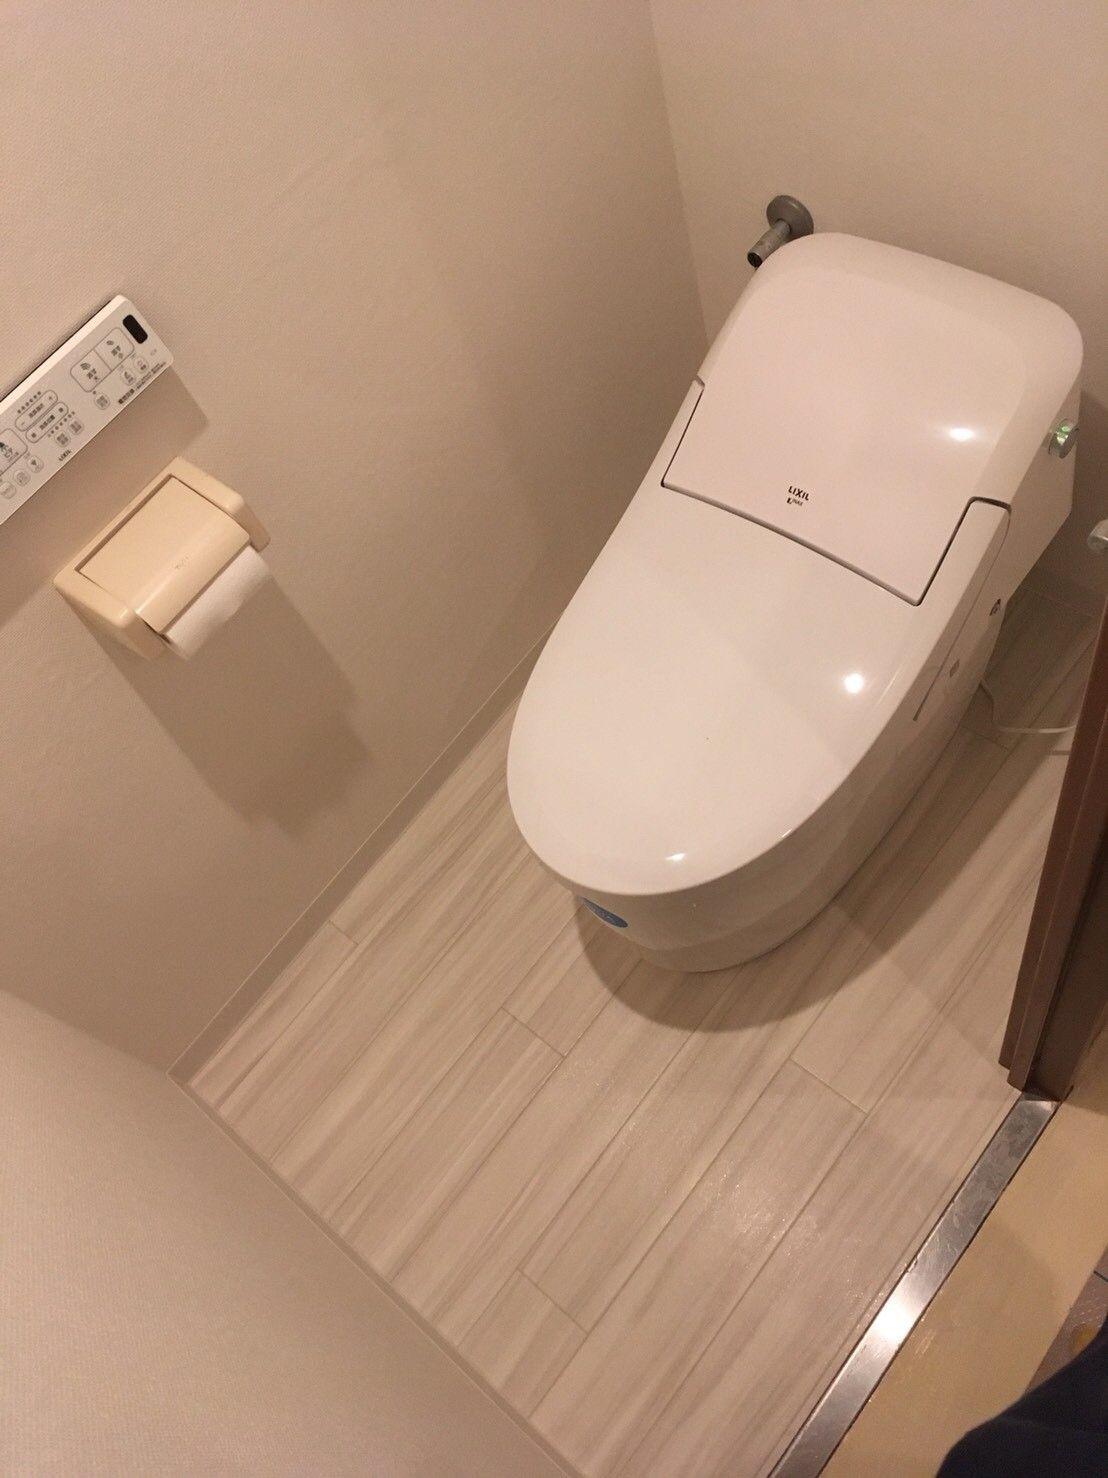 トイレ交換 Lixil プレアスlsタイプ Lixil トイレ トイレ リフォーム